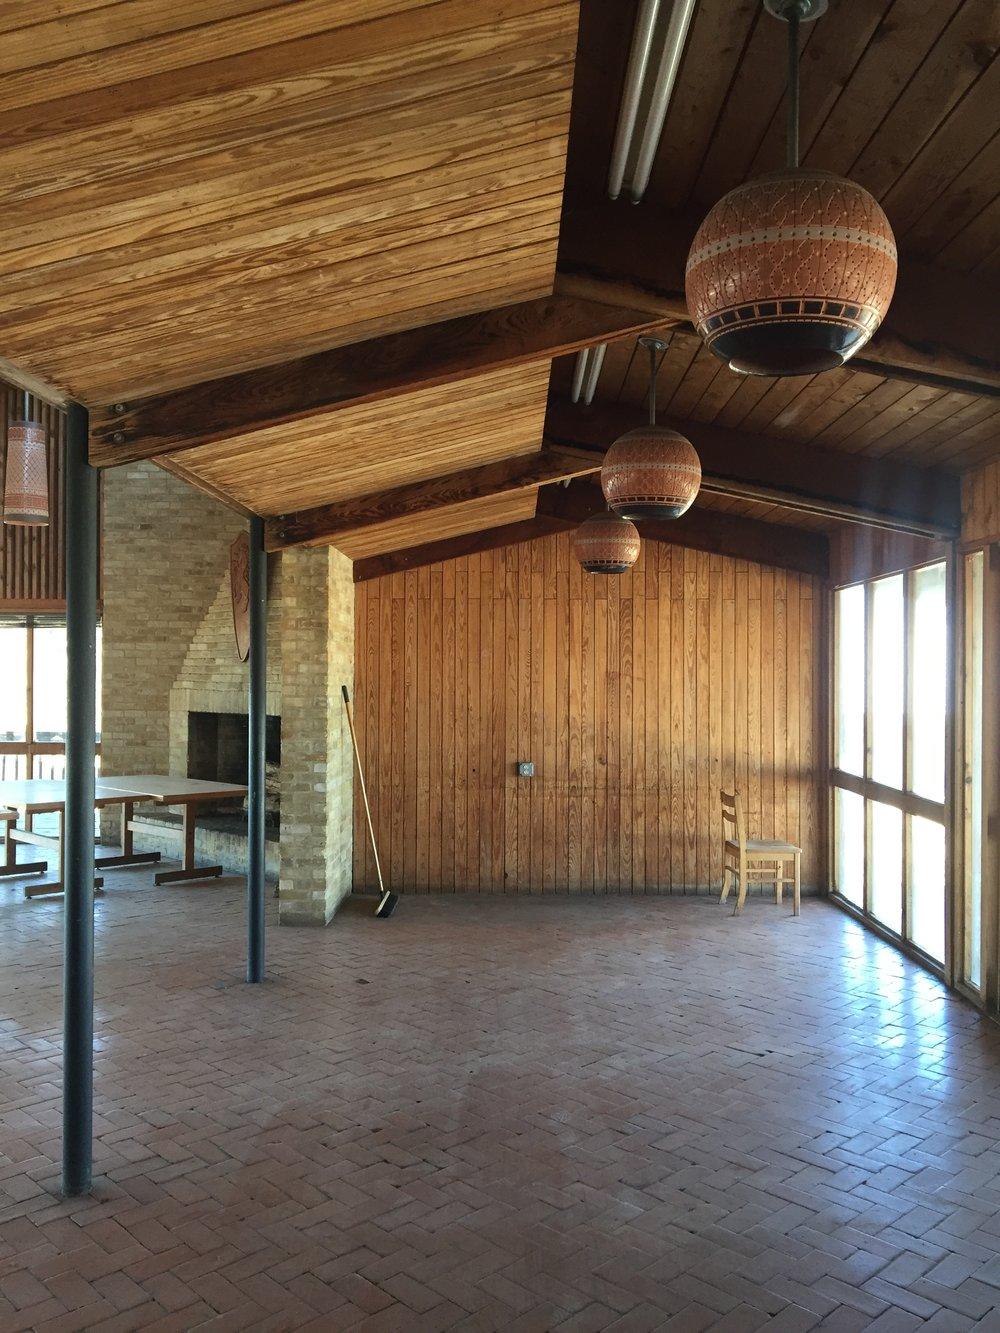 Selwyn School, Denton, TX